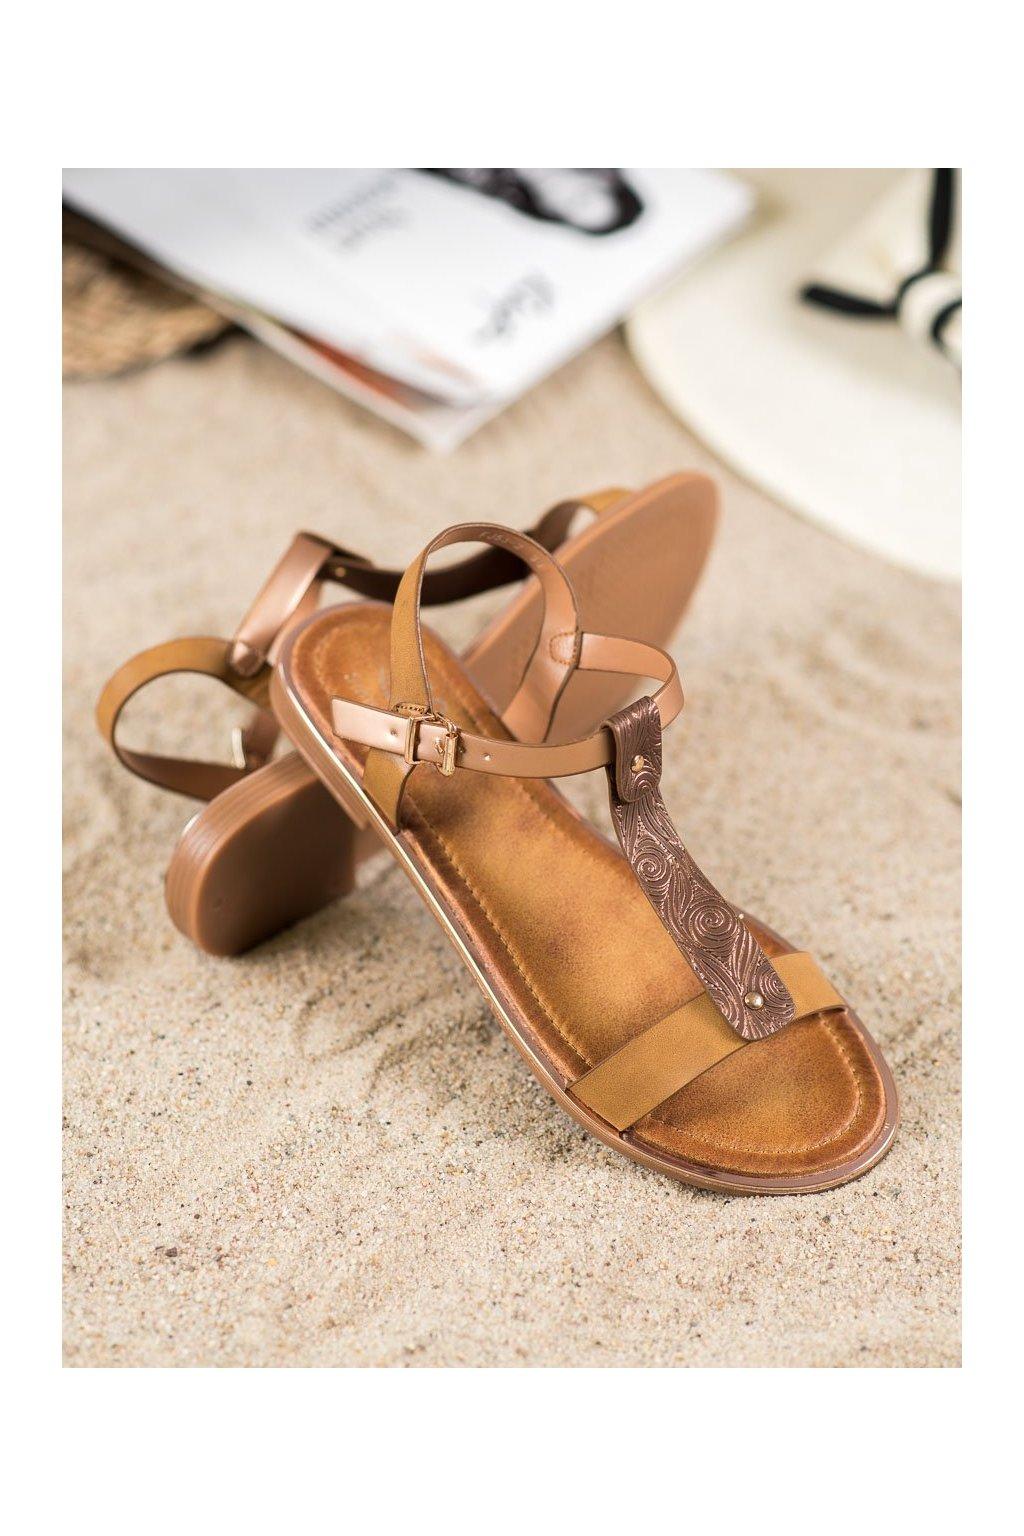 Hnedé sandále Small swan kod FJ53C